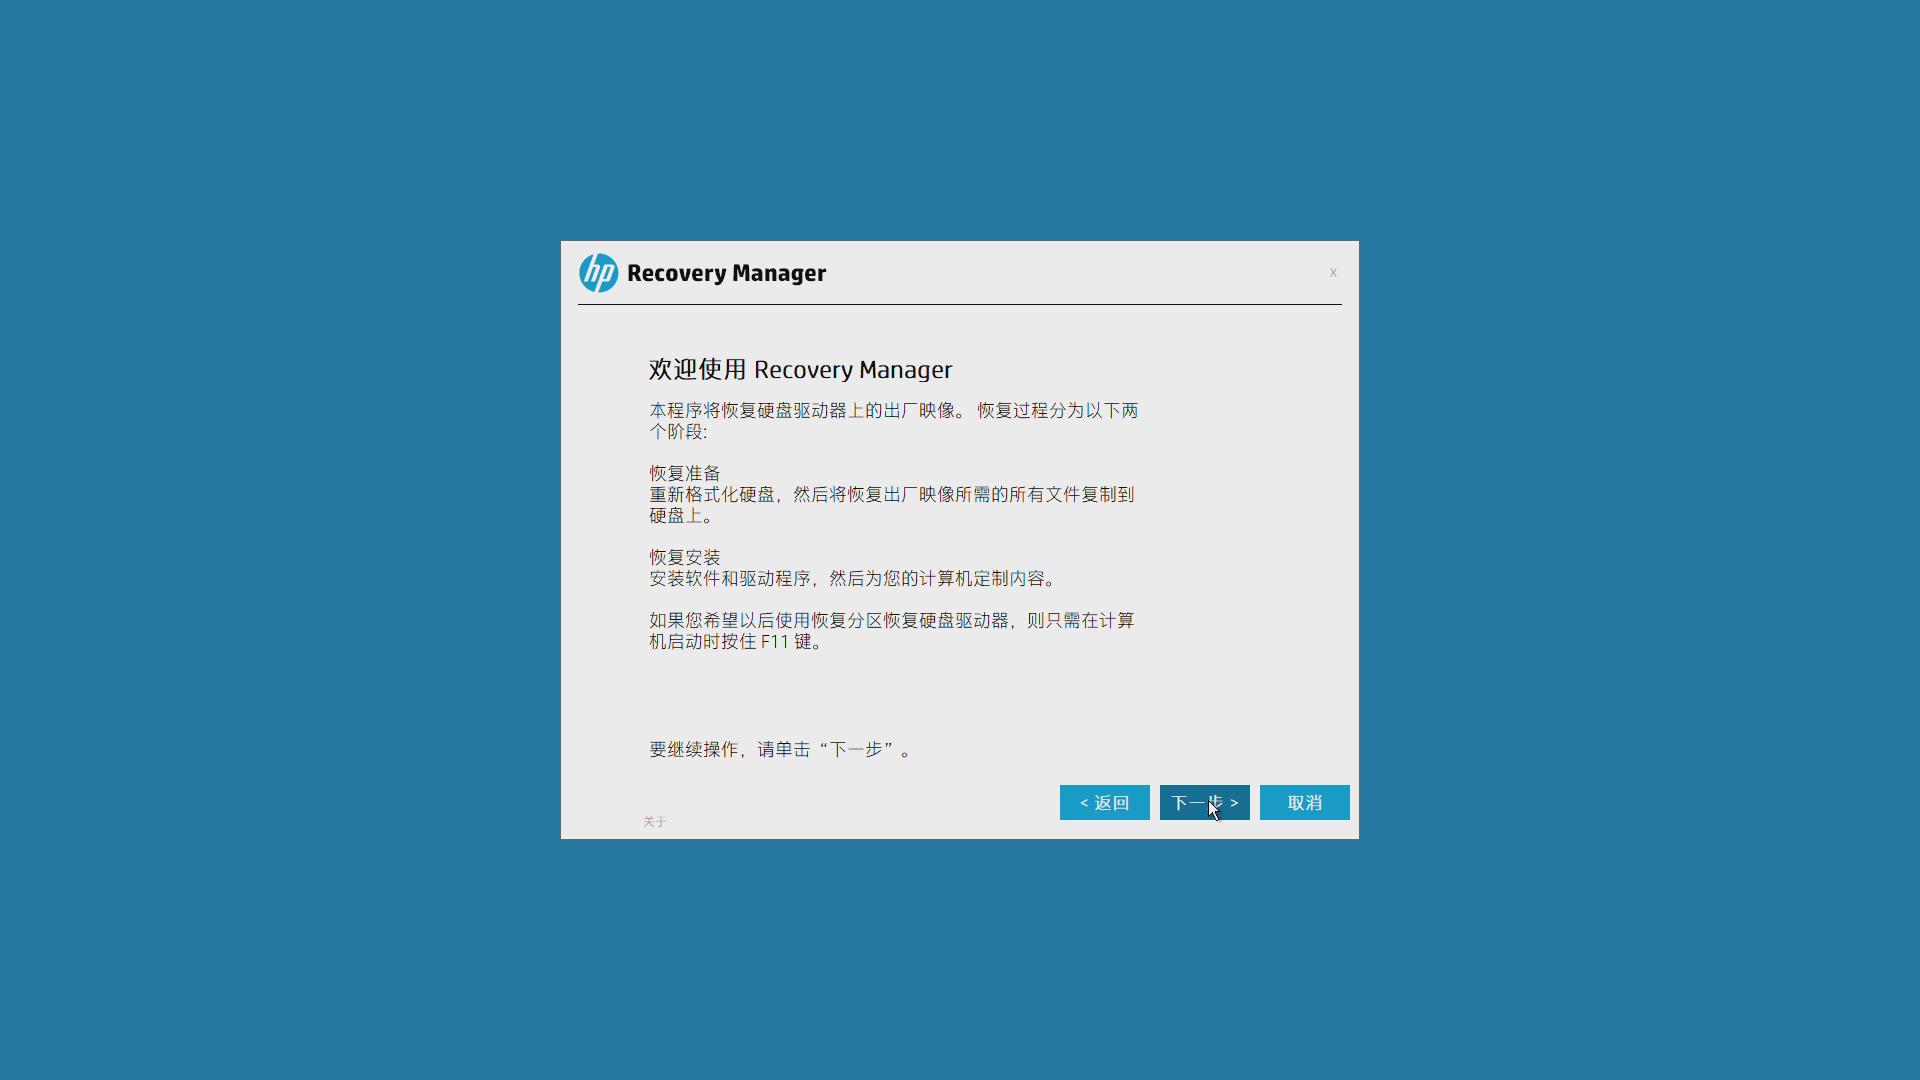 【图文】全新制作,惠普笔记本电脑恢复出厂系统Recovery 图文教程,演示机 惠普暗影精灵5Plus 15-Cb0xxx